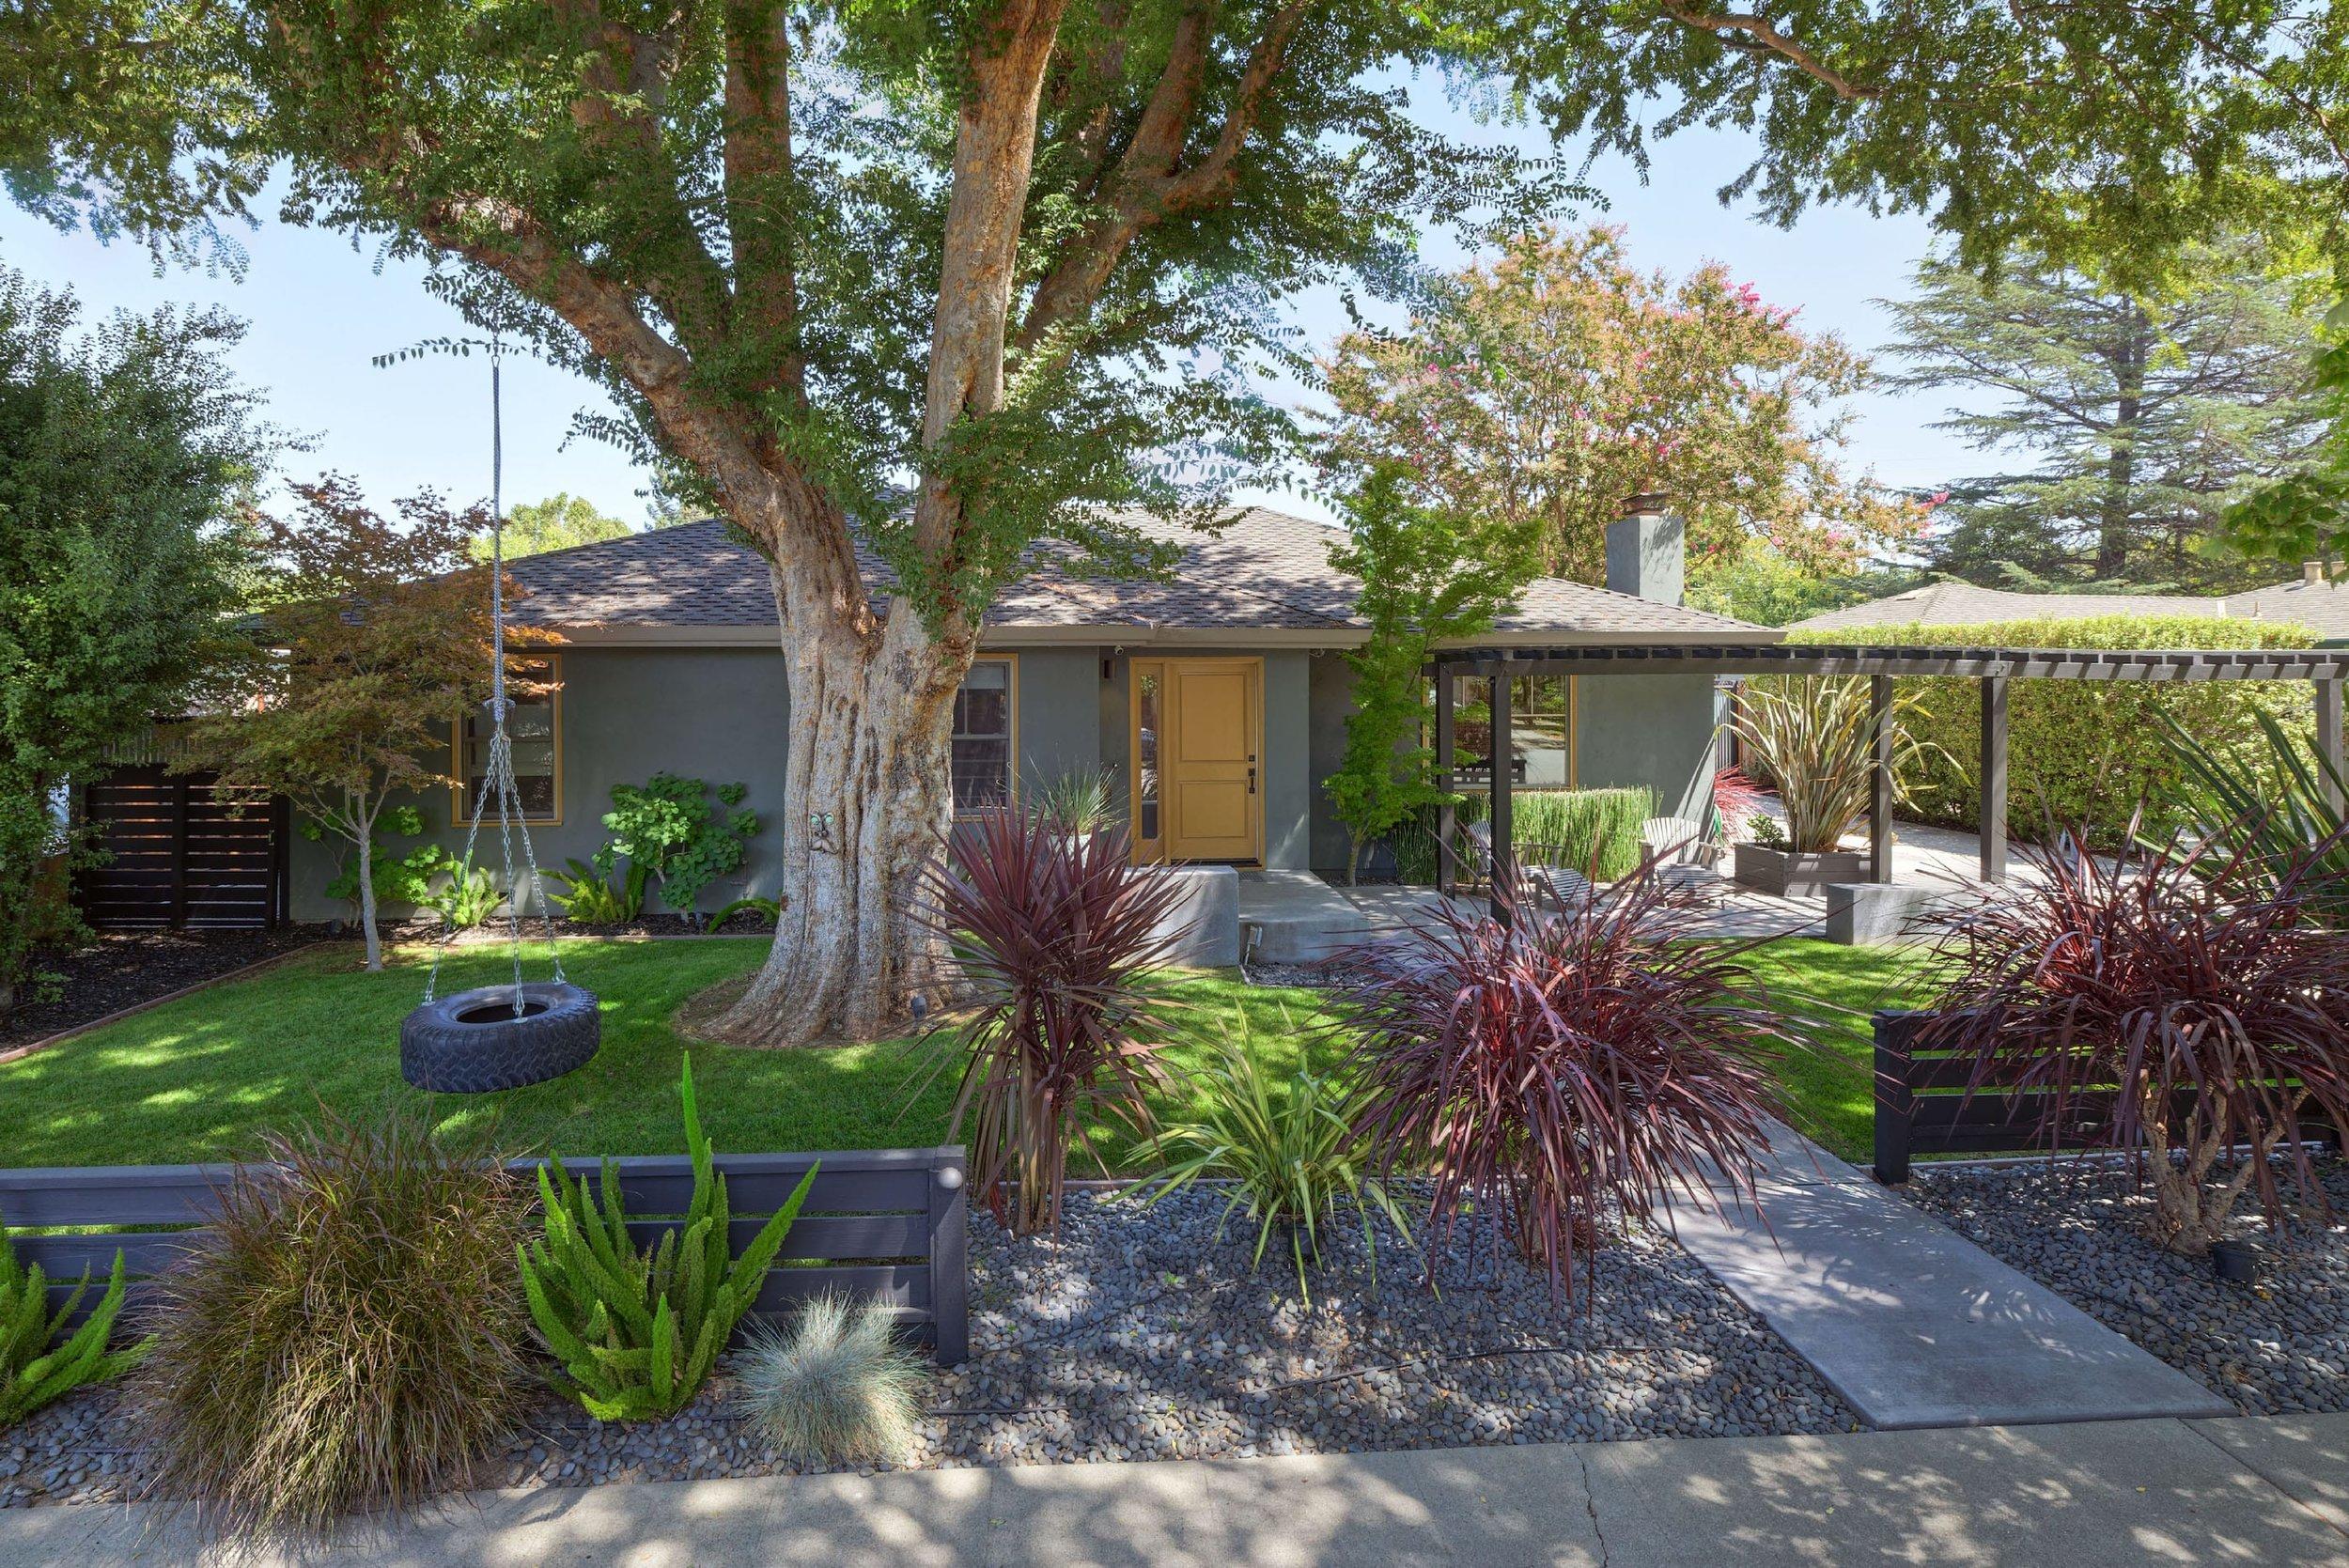 2524 Gerald Way, San Jose  4 bedrooms • 3 bathrooms • 2,578 sqft